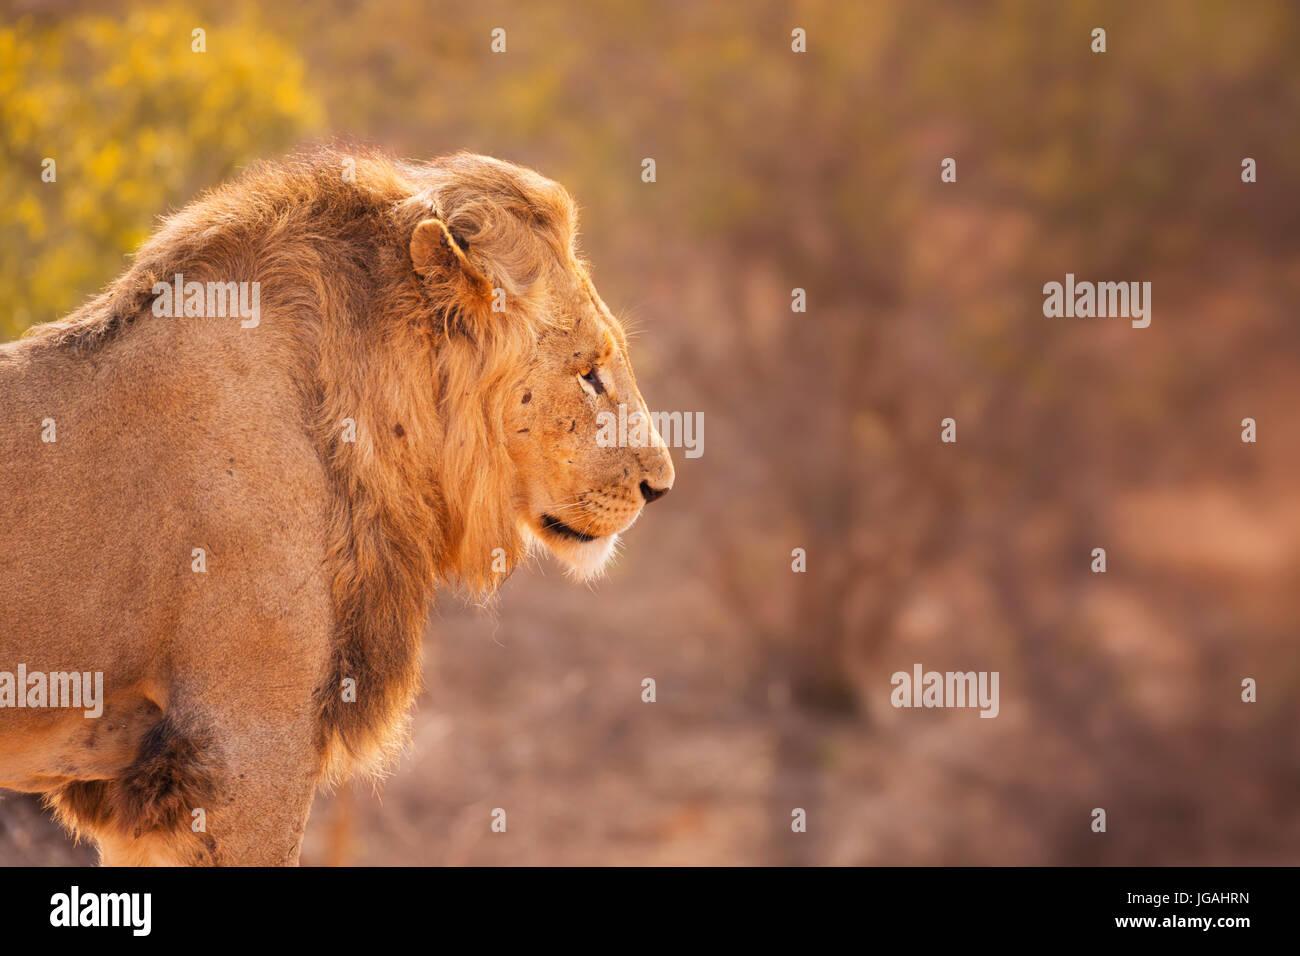 Cerca de un león macho en la luz del sol por la mañana temprano en el Parque Nacional Kruger, Sudáfrica. Imagen De Stock